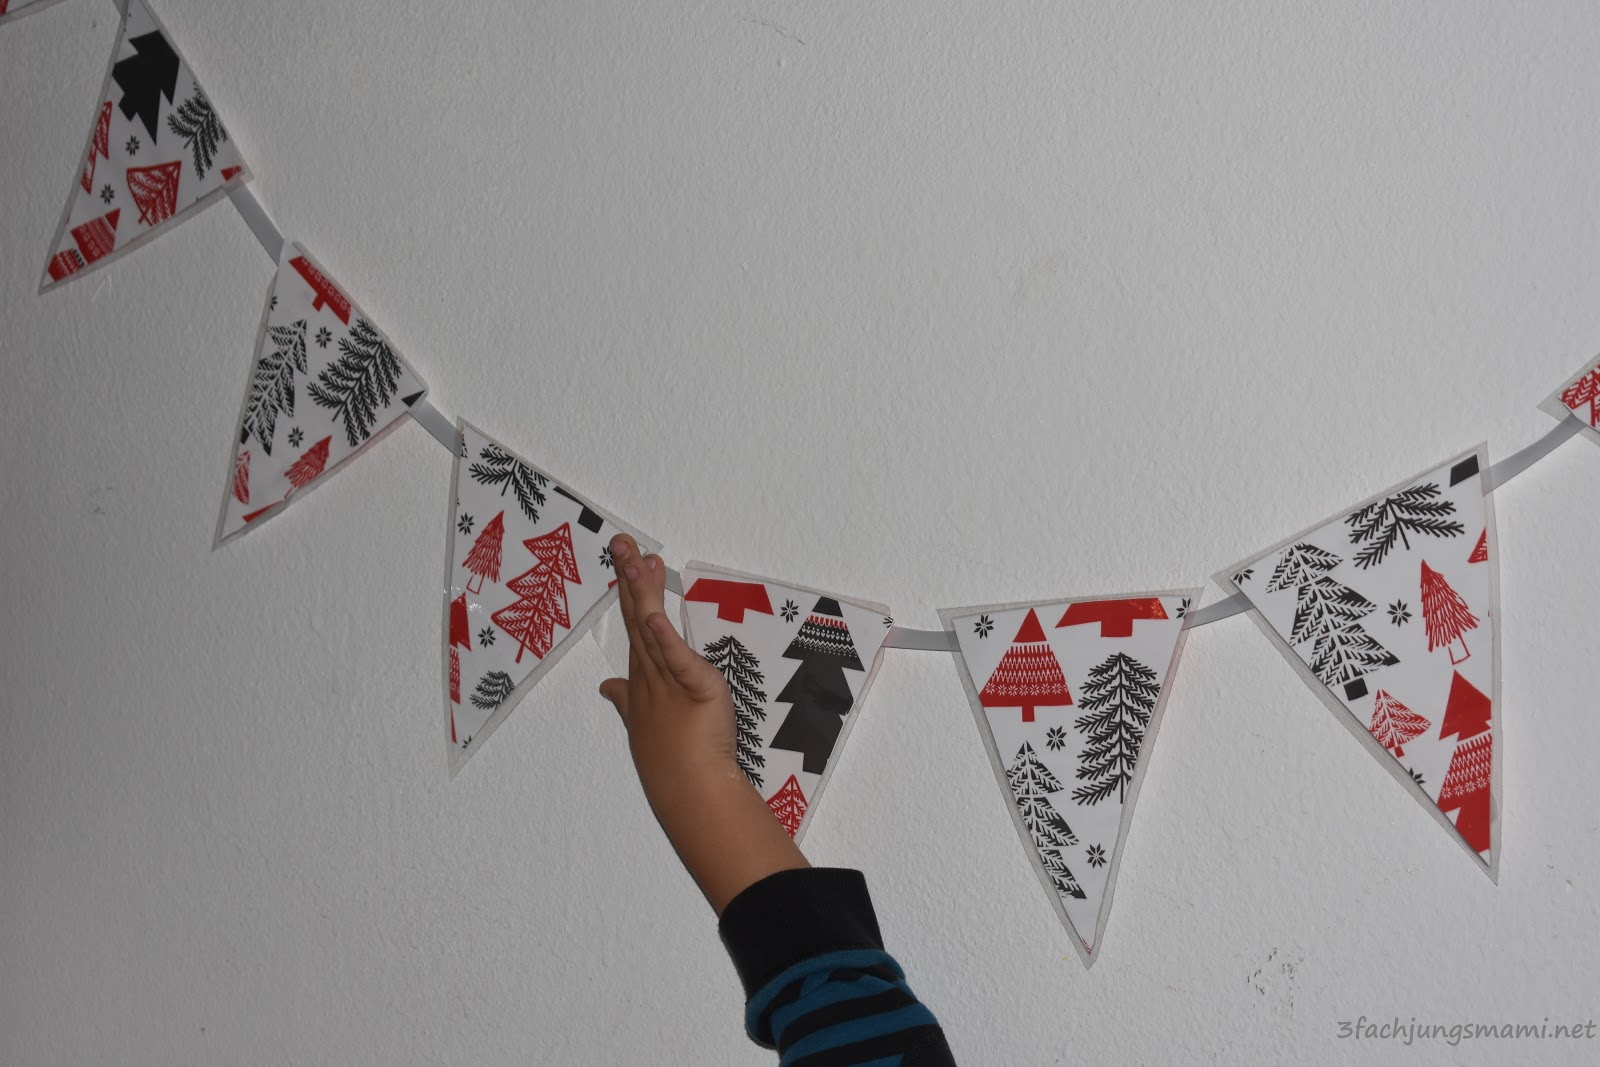 Adventskalender diy weihnachtsgirlande 3 fach jungsmami - Weihnachtsgirlande basteln ...